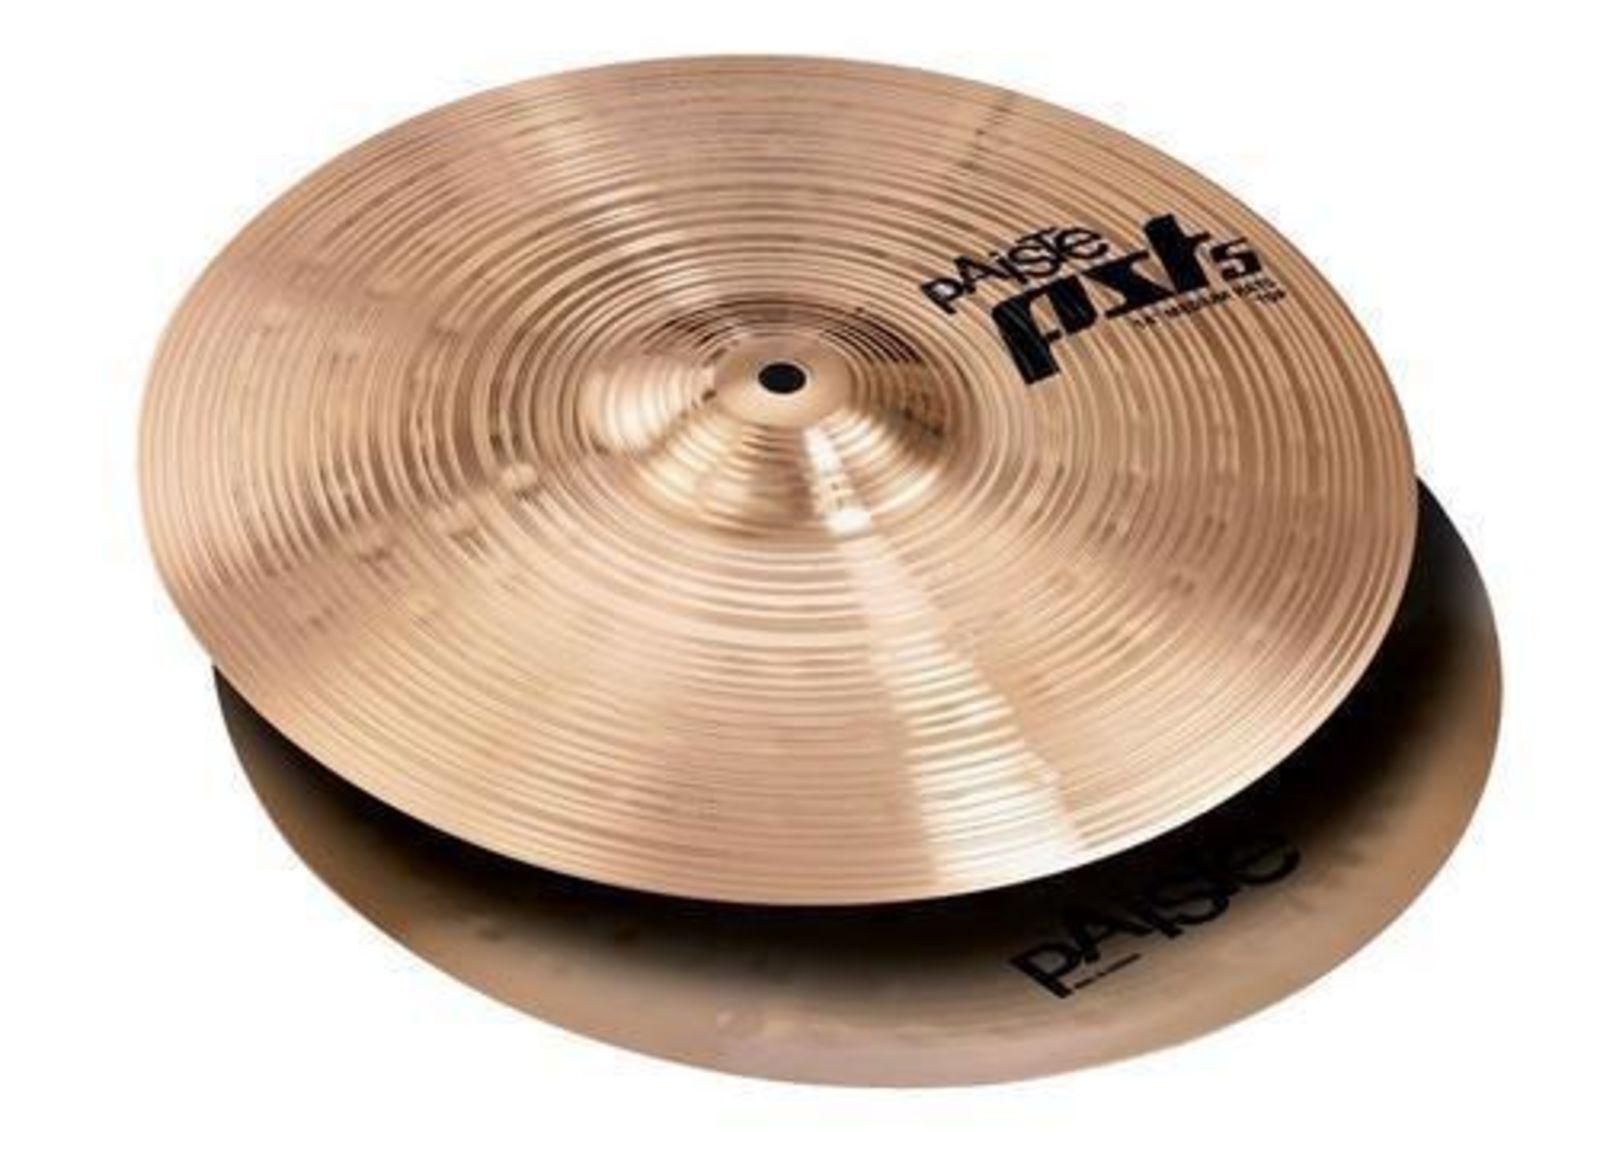 PAISTE 14  PST 5 MEDIUM HI HAT BATTERIA bacino 35,56 cm percussioni drum cymbals